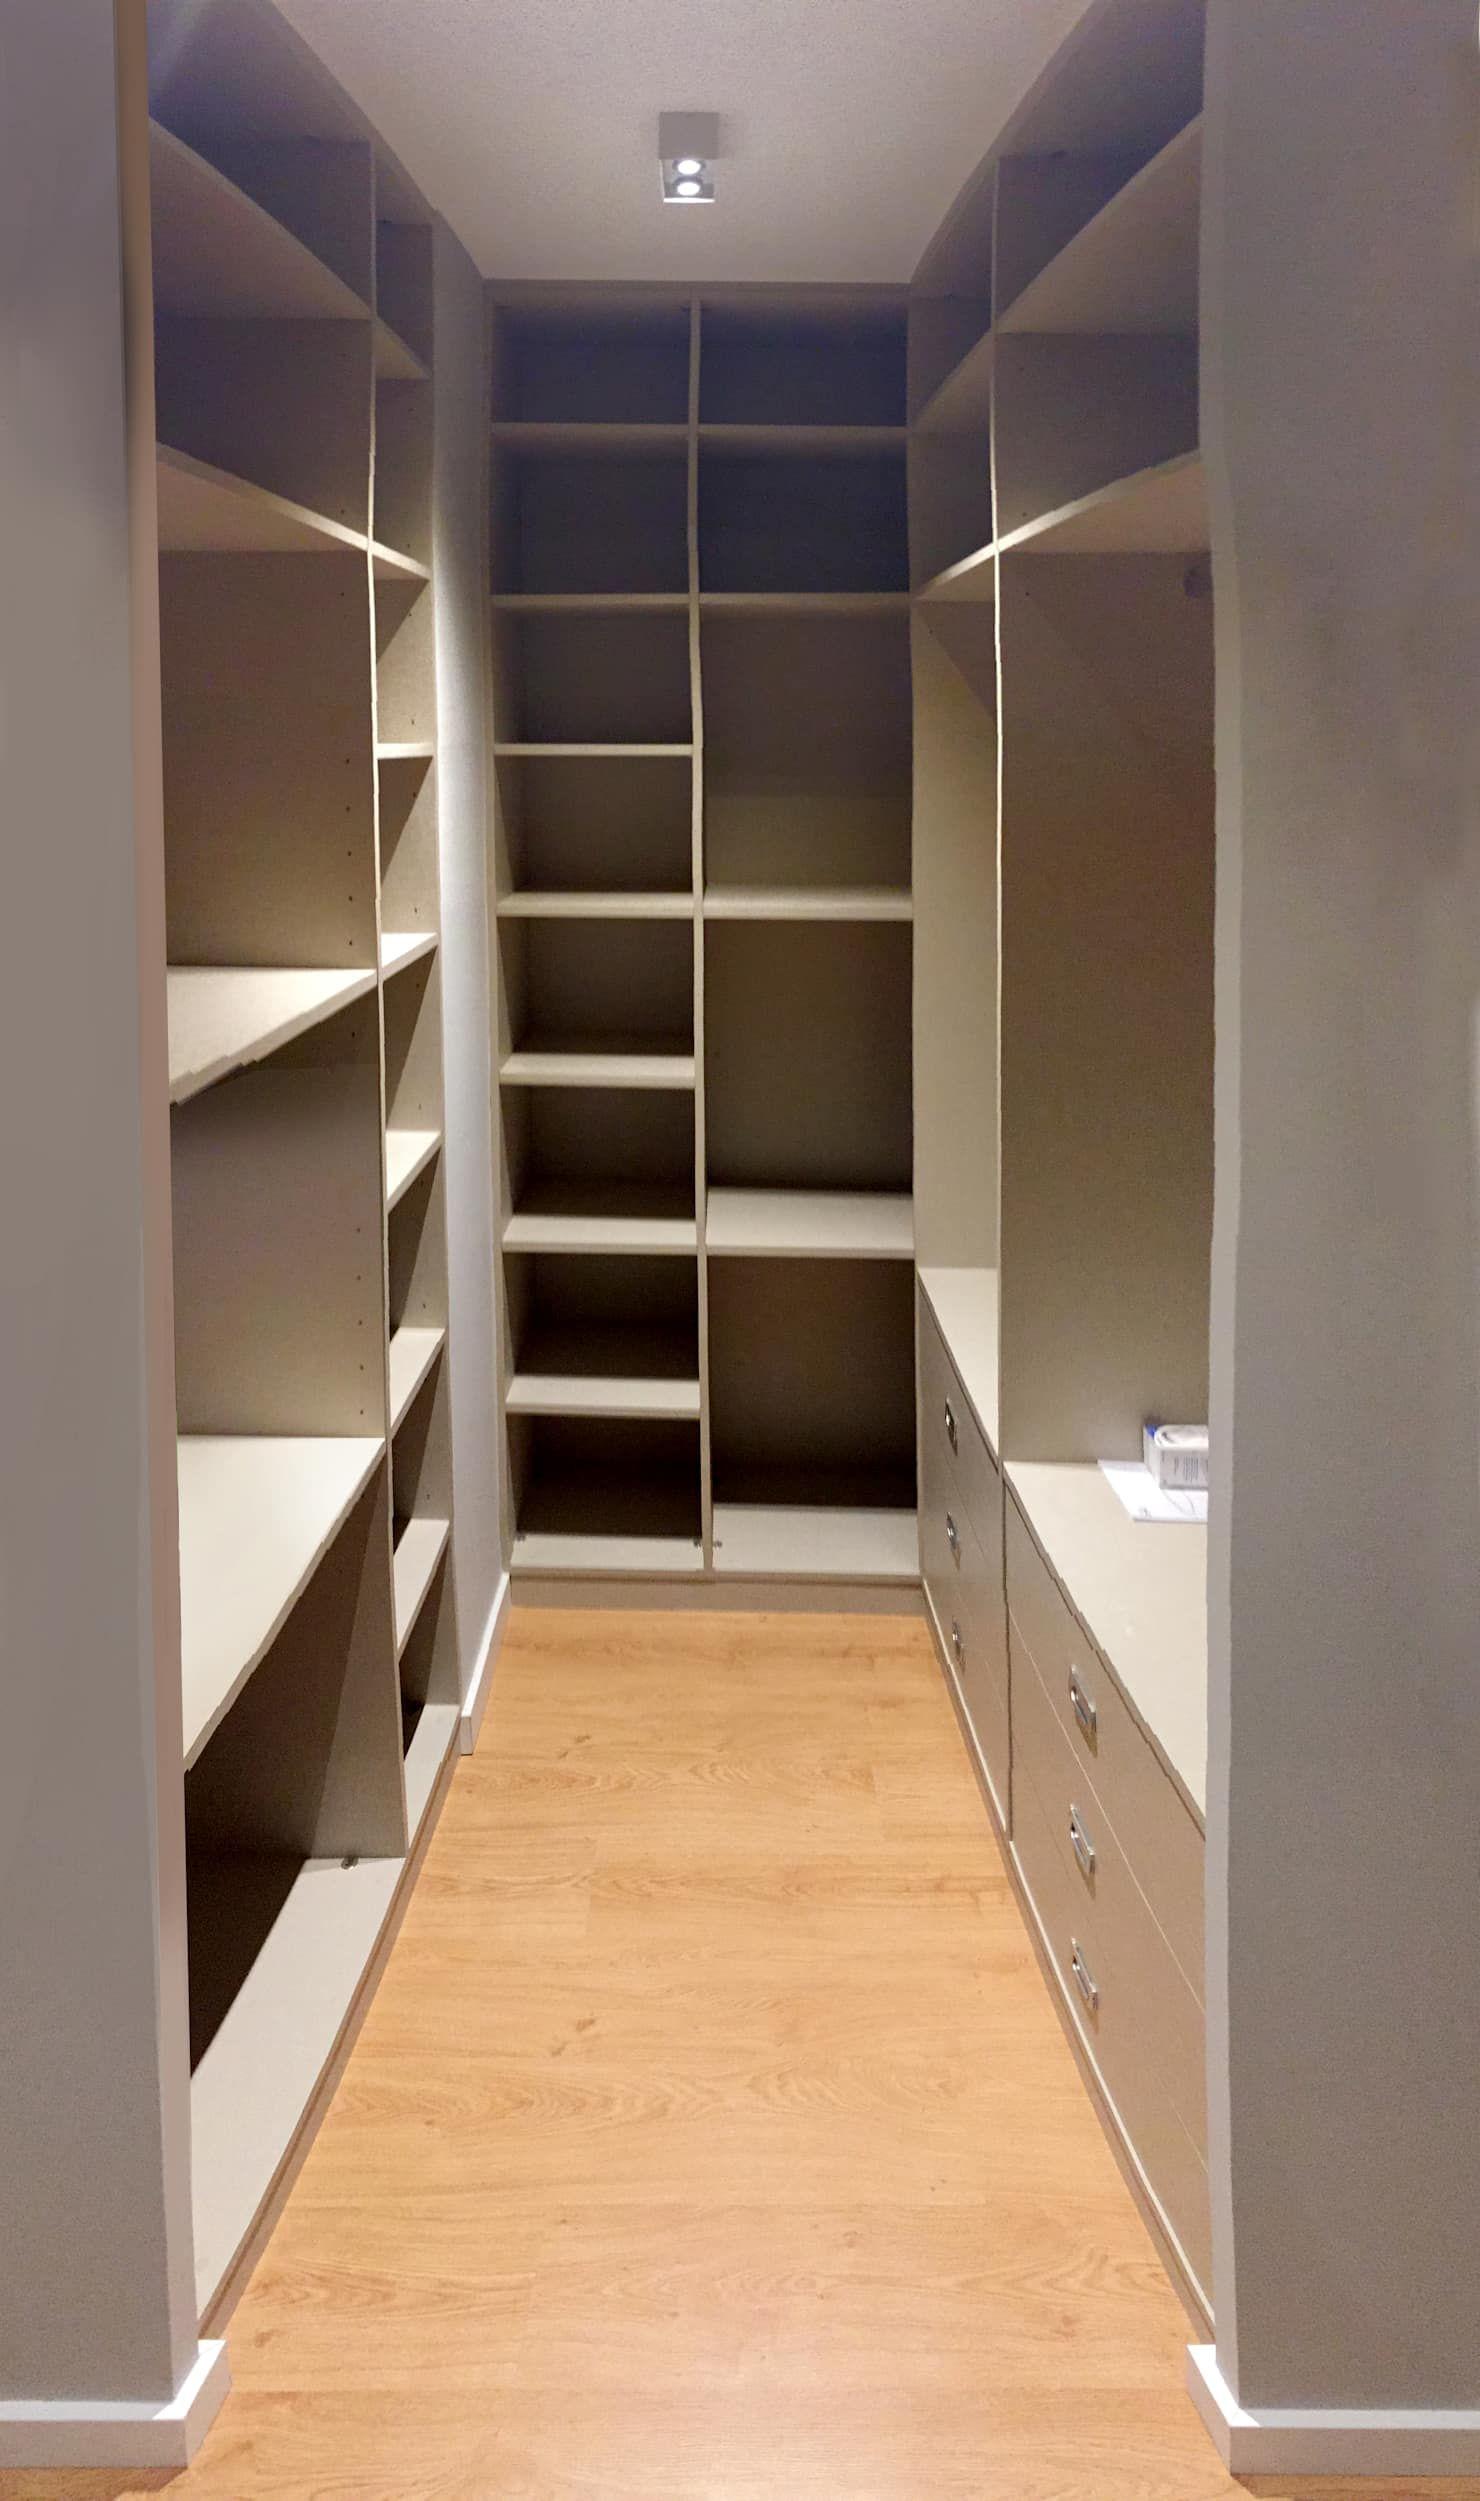 Vestidor compuesto por un armario a medida de madera.: dormitorios de estilo de muka design lab, moderno